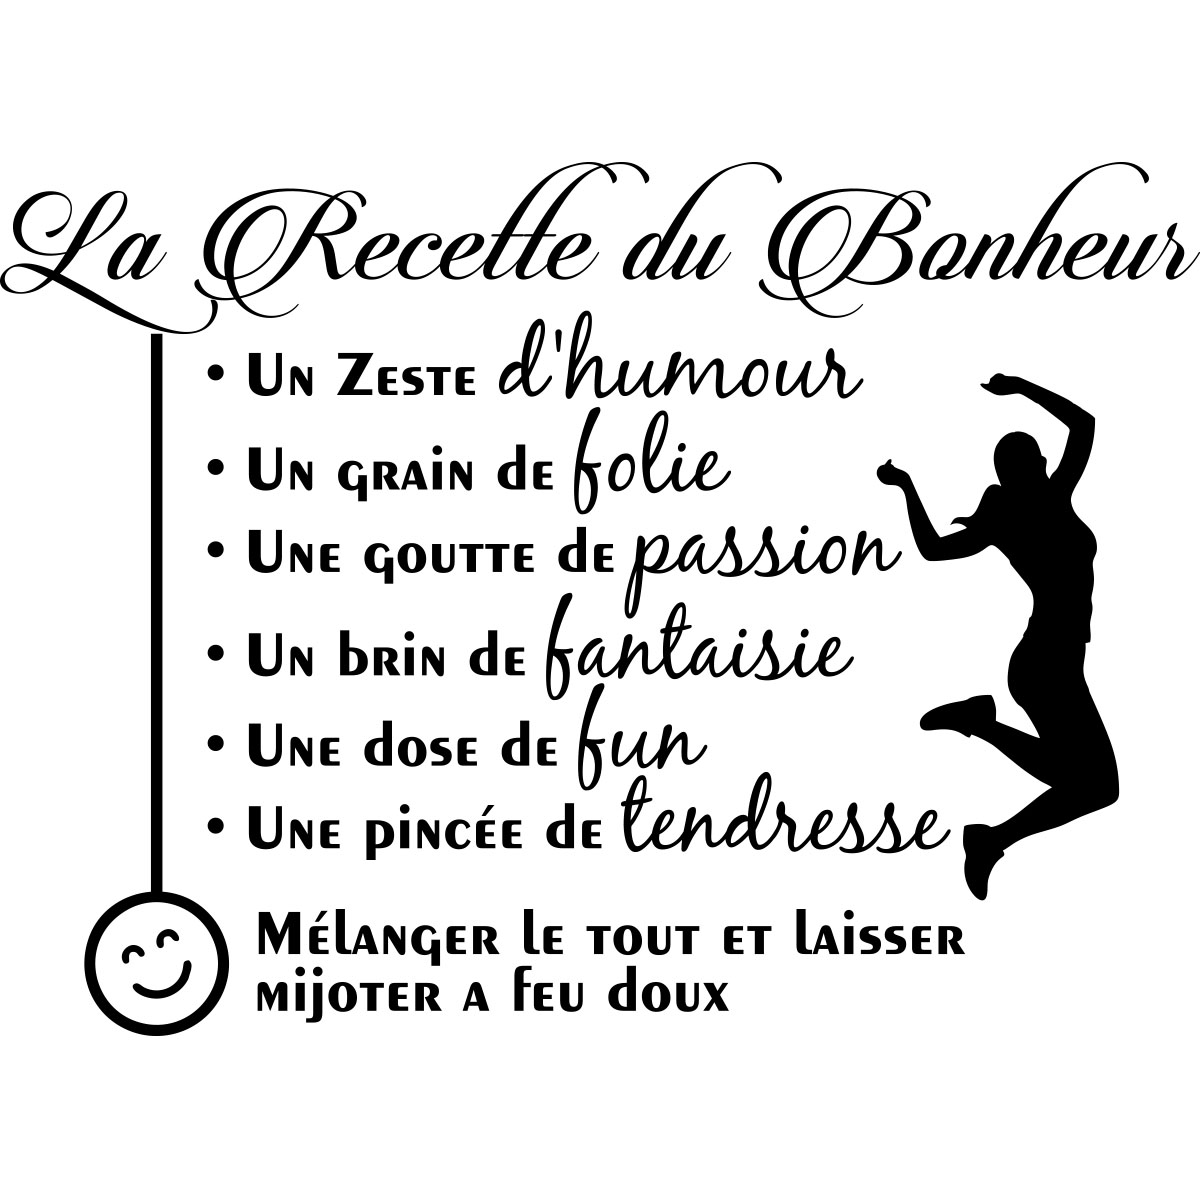 Sticker citation La recette du bonheur  Stickers CUISINE Recettes  Ambiancesticker